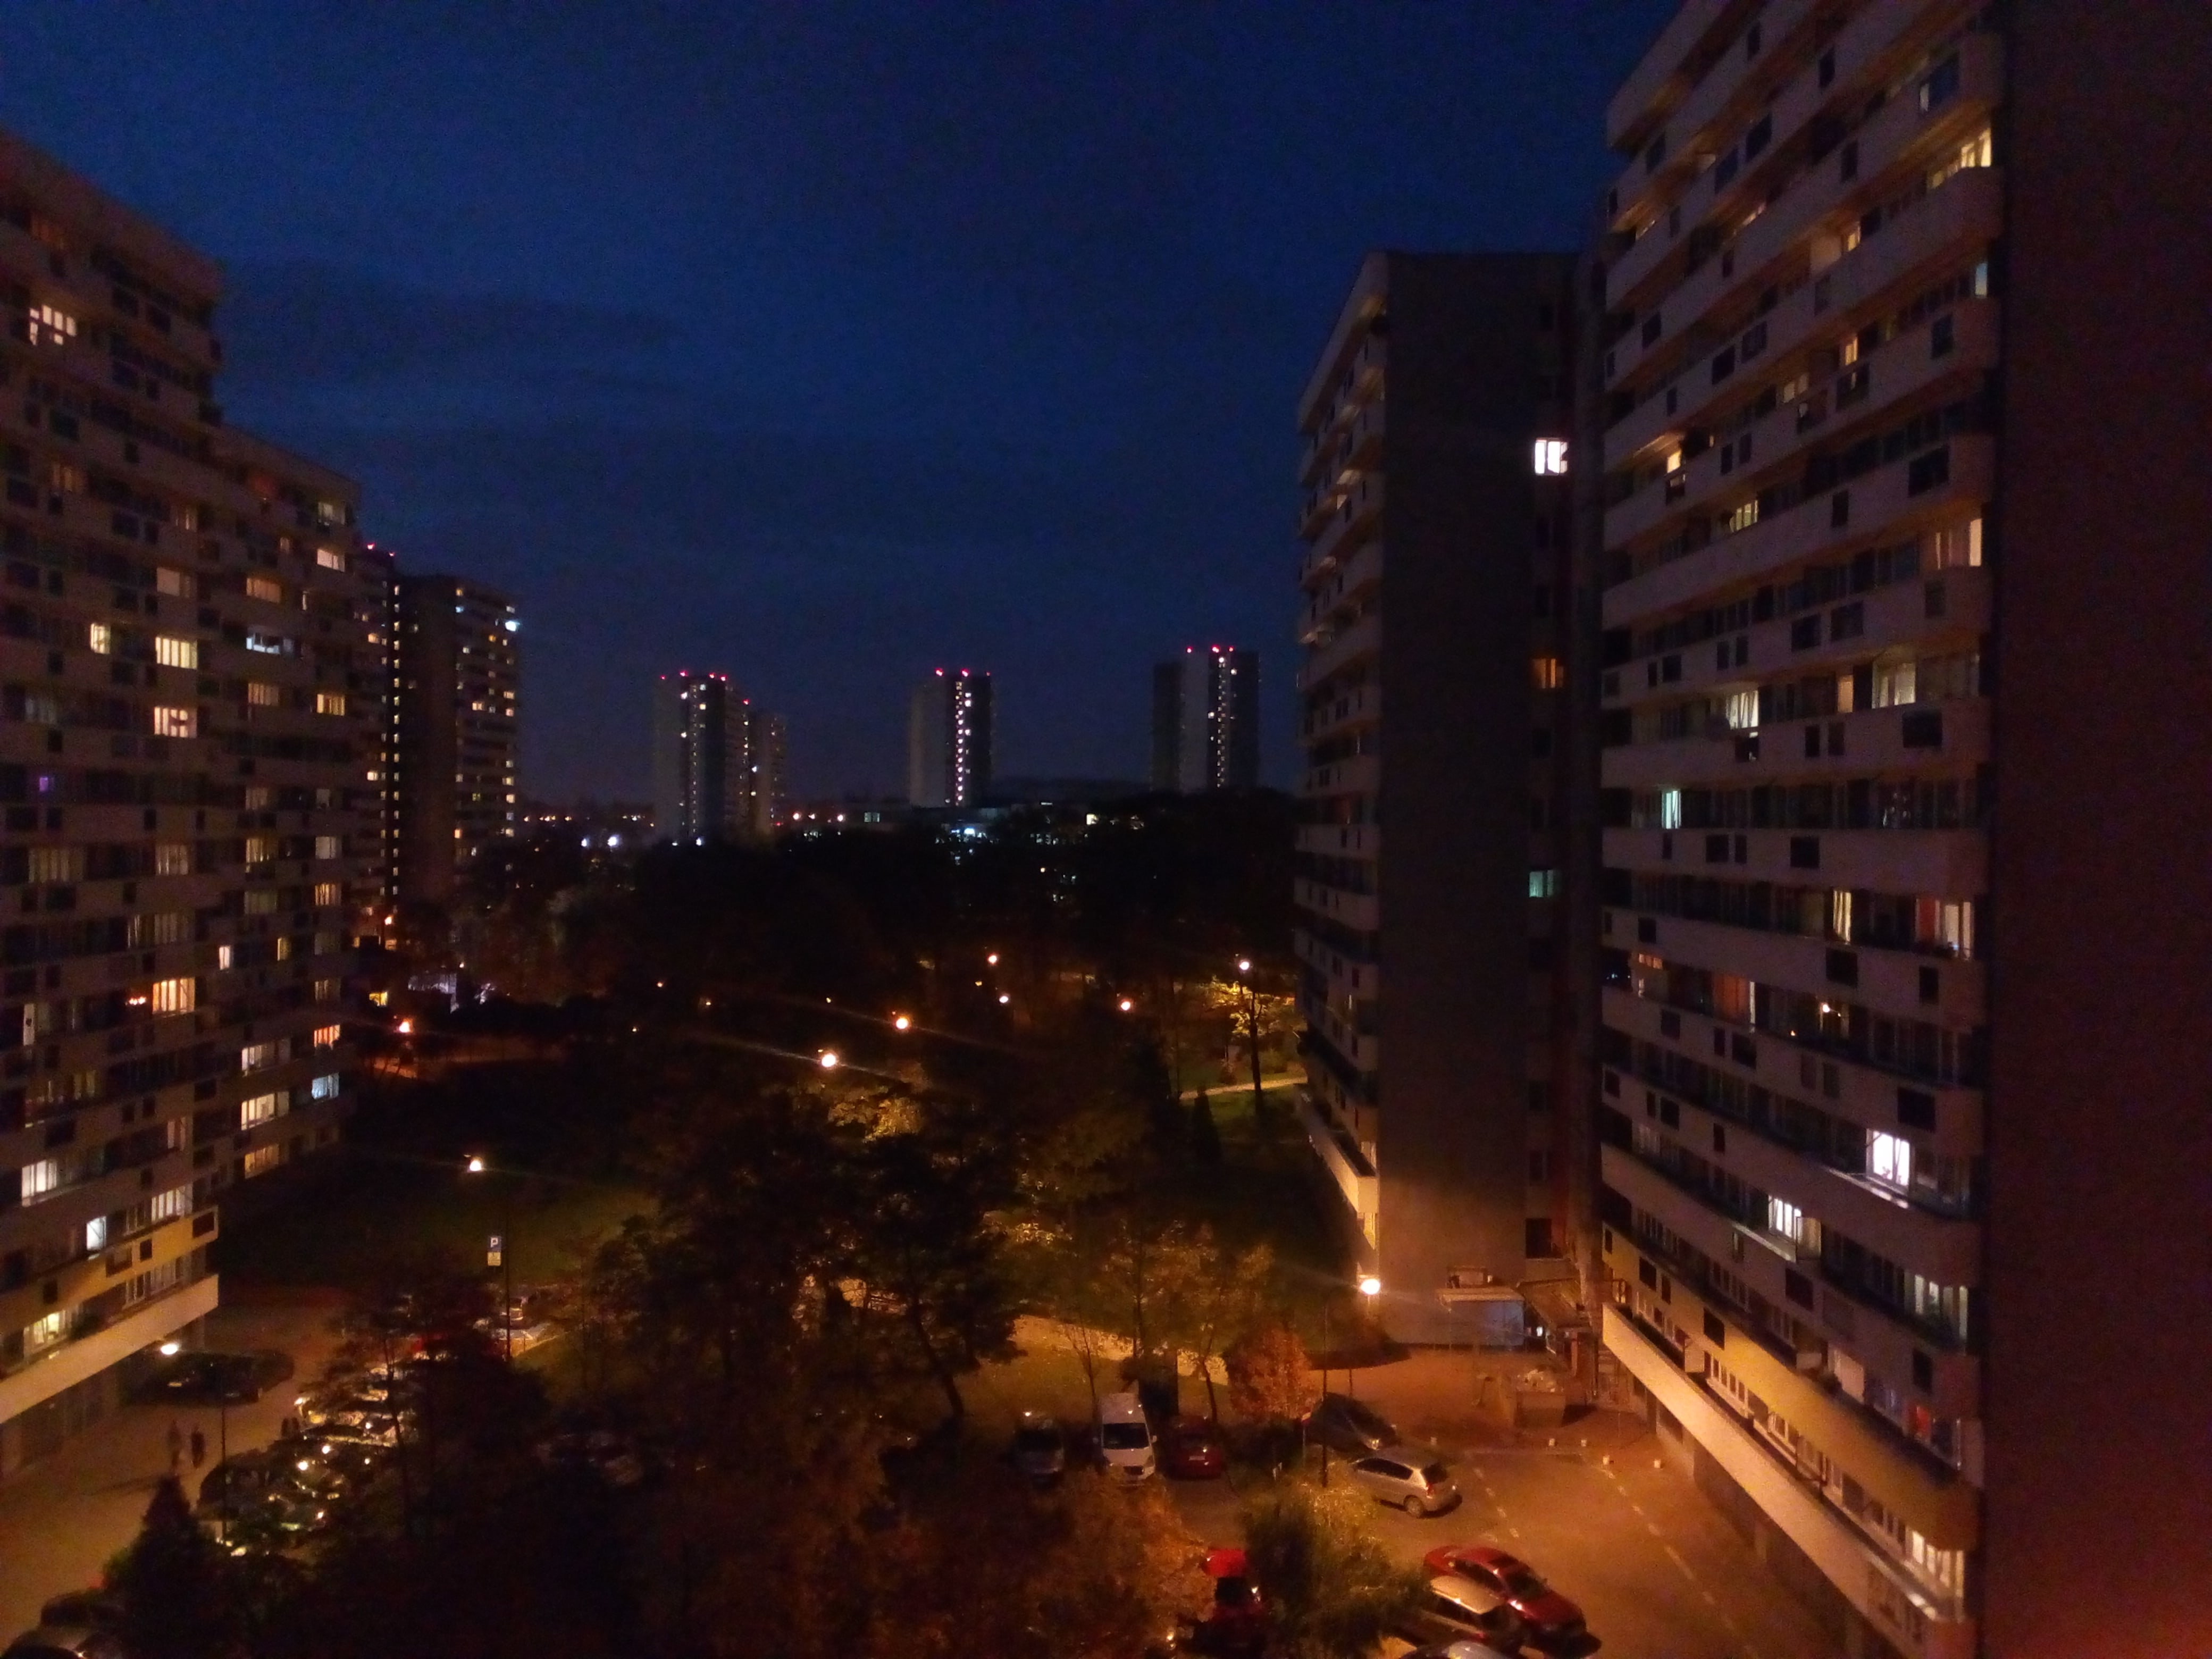 Zdjęcia nocne - ZTE Blade A612